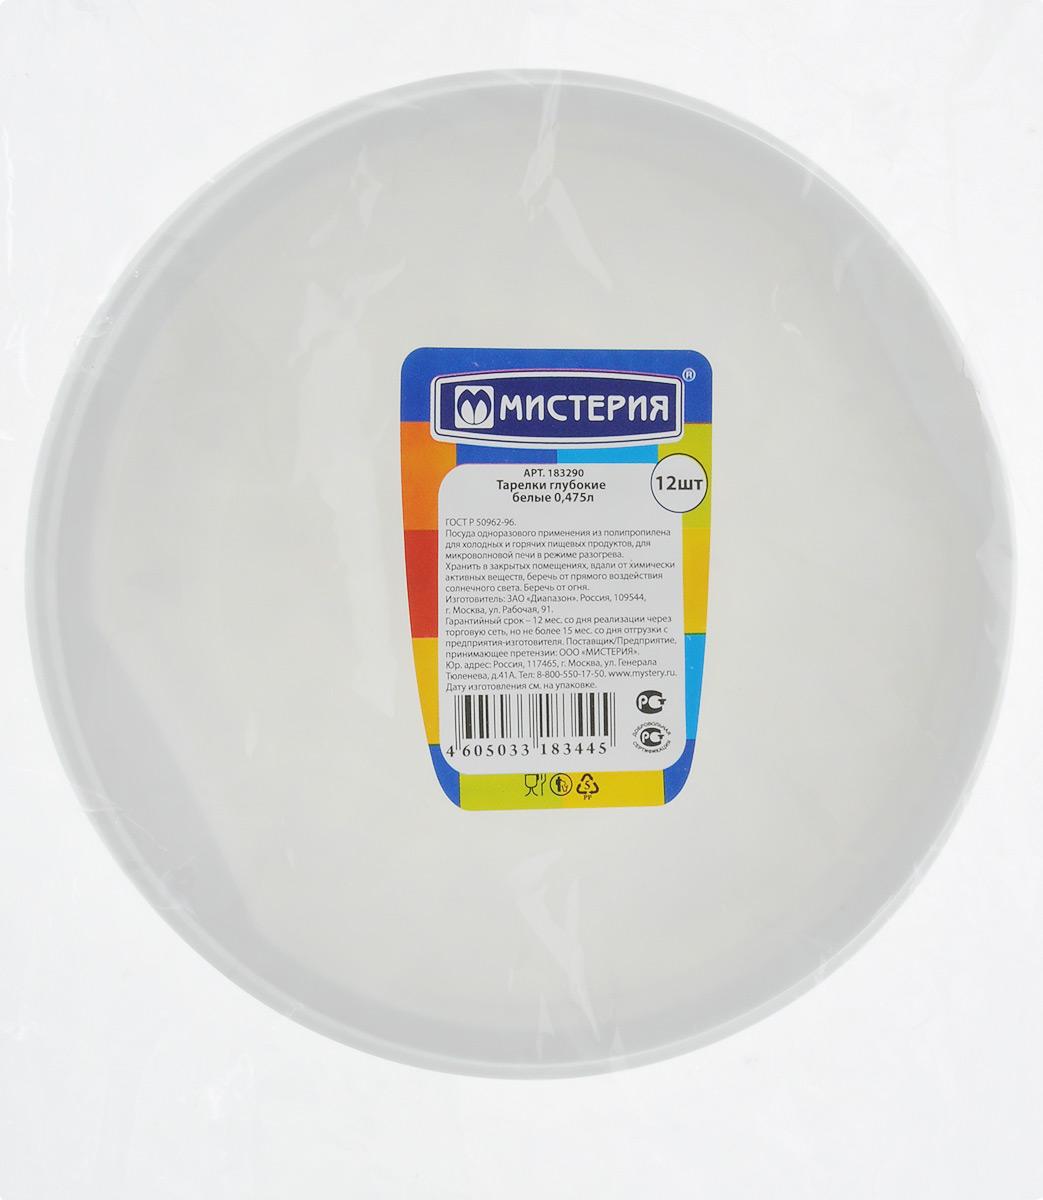 Набор одноразовых суповых тарелок Мистерия, 475 мл, 12 шт2771Набор Мистерия состоит из 12 круглых суповых тарелок, выполненных из полипропилена и предназначенных для одноразового использования. Одноразовые тарелки будут незаменимы при поездках на природу, пикниках и других мероприятиях. Они не займут много места, легки и самое главное - после использования их не надо мыть.Диаметр тарелки (по верхнему краю): 15 см.Высота тарелки: 4 см.Объем тарелки: 475 мл.